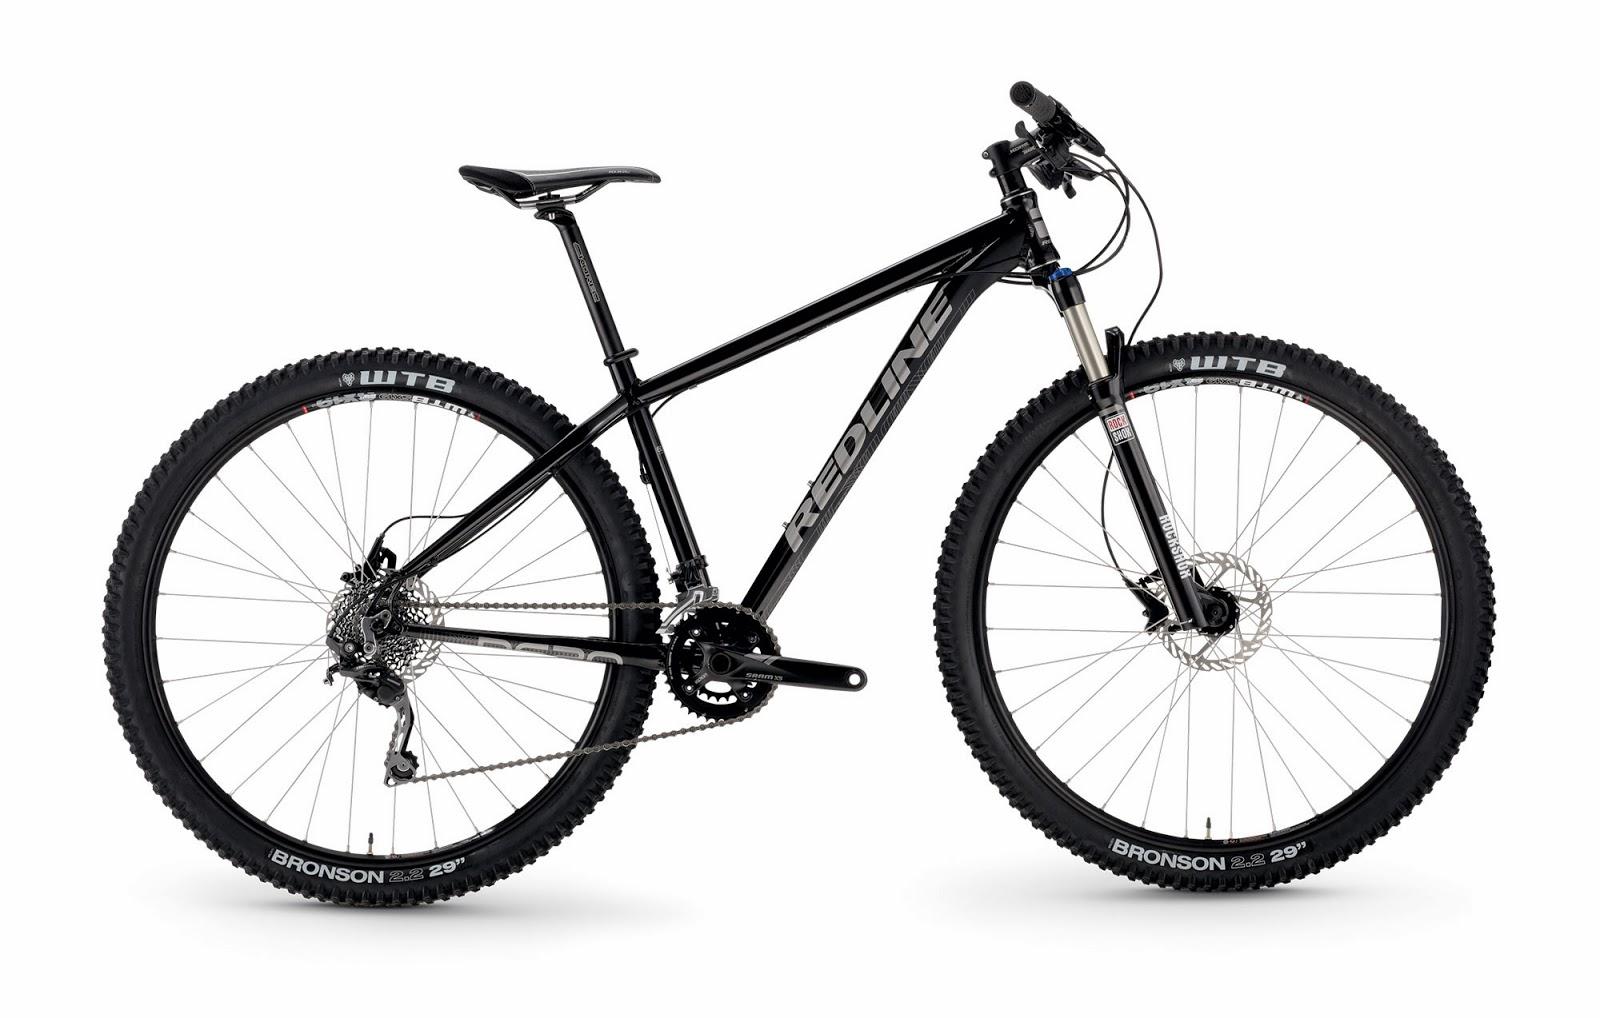 2014 Redline D620 29er Bike